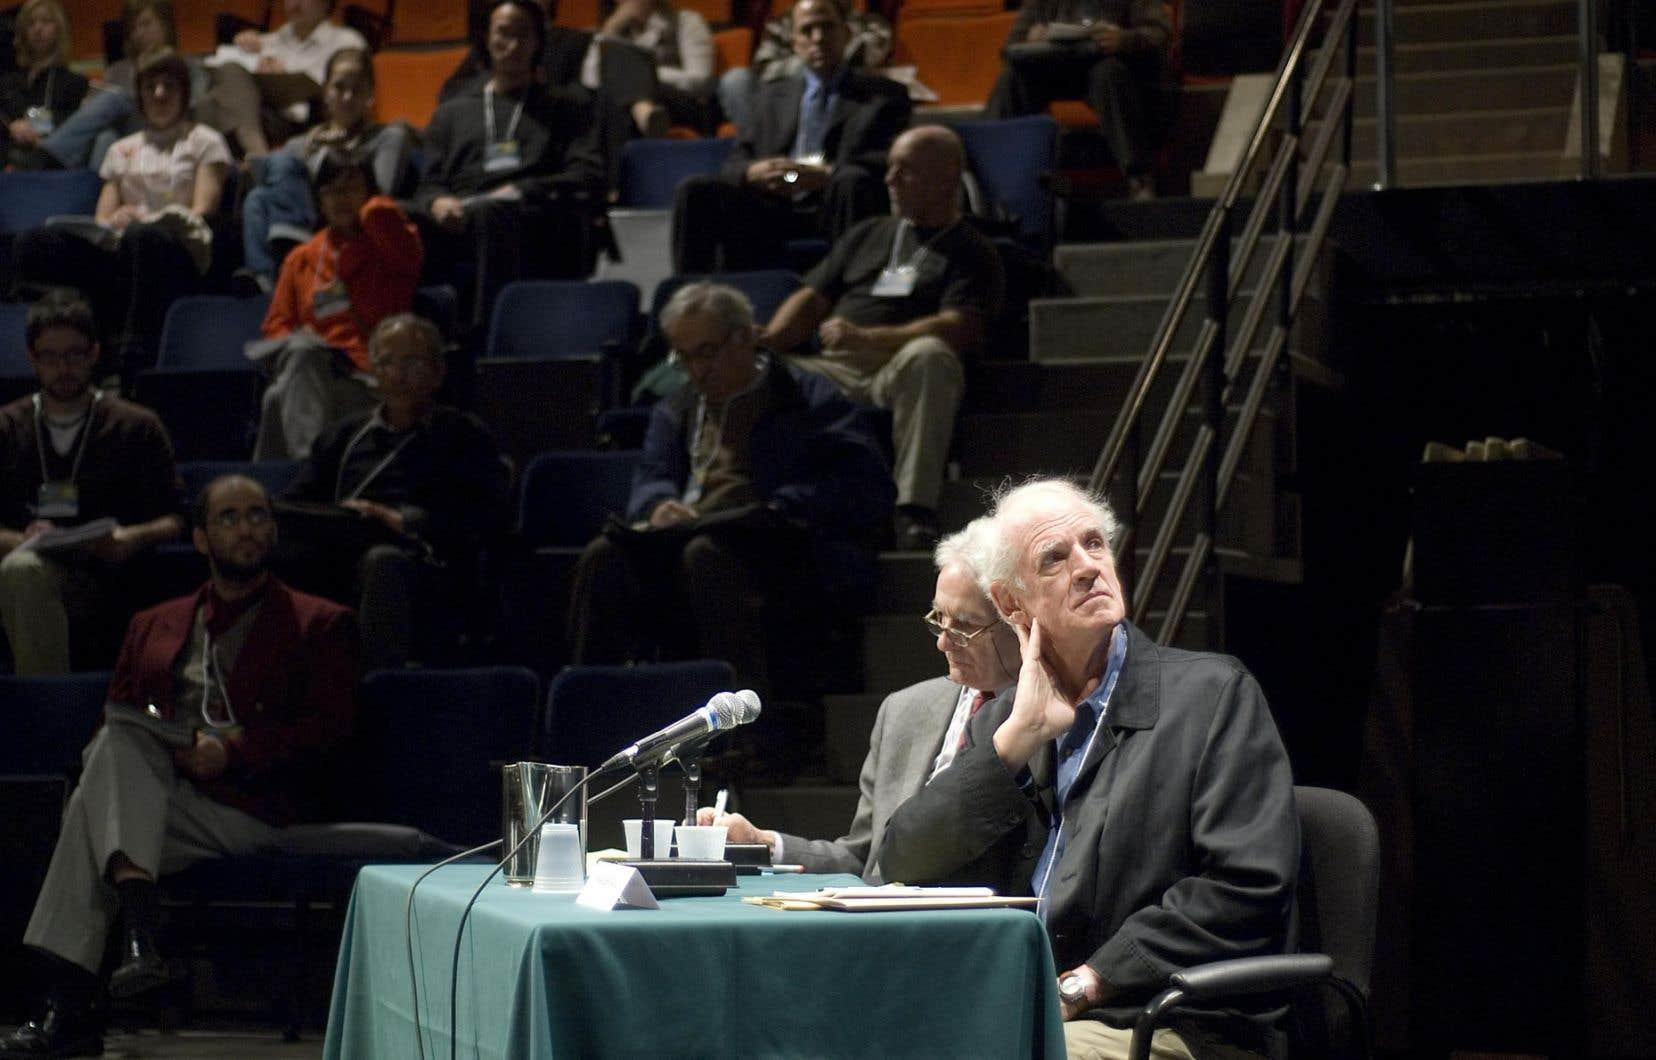 Avant l'épisode de la charte, il y a eu les audiences de la commission Bouchard-Taylor. N'y a-t-il rien à retenir de cet exercice démocratique?